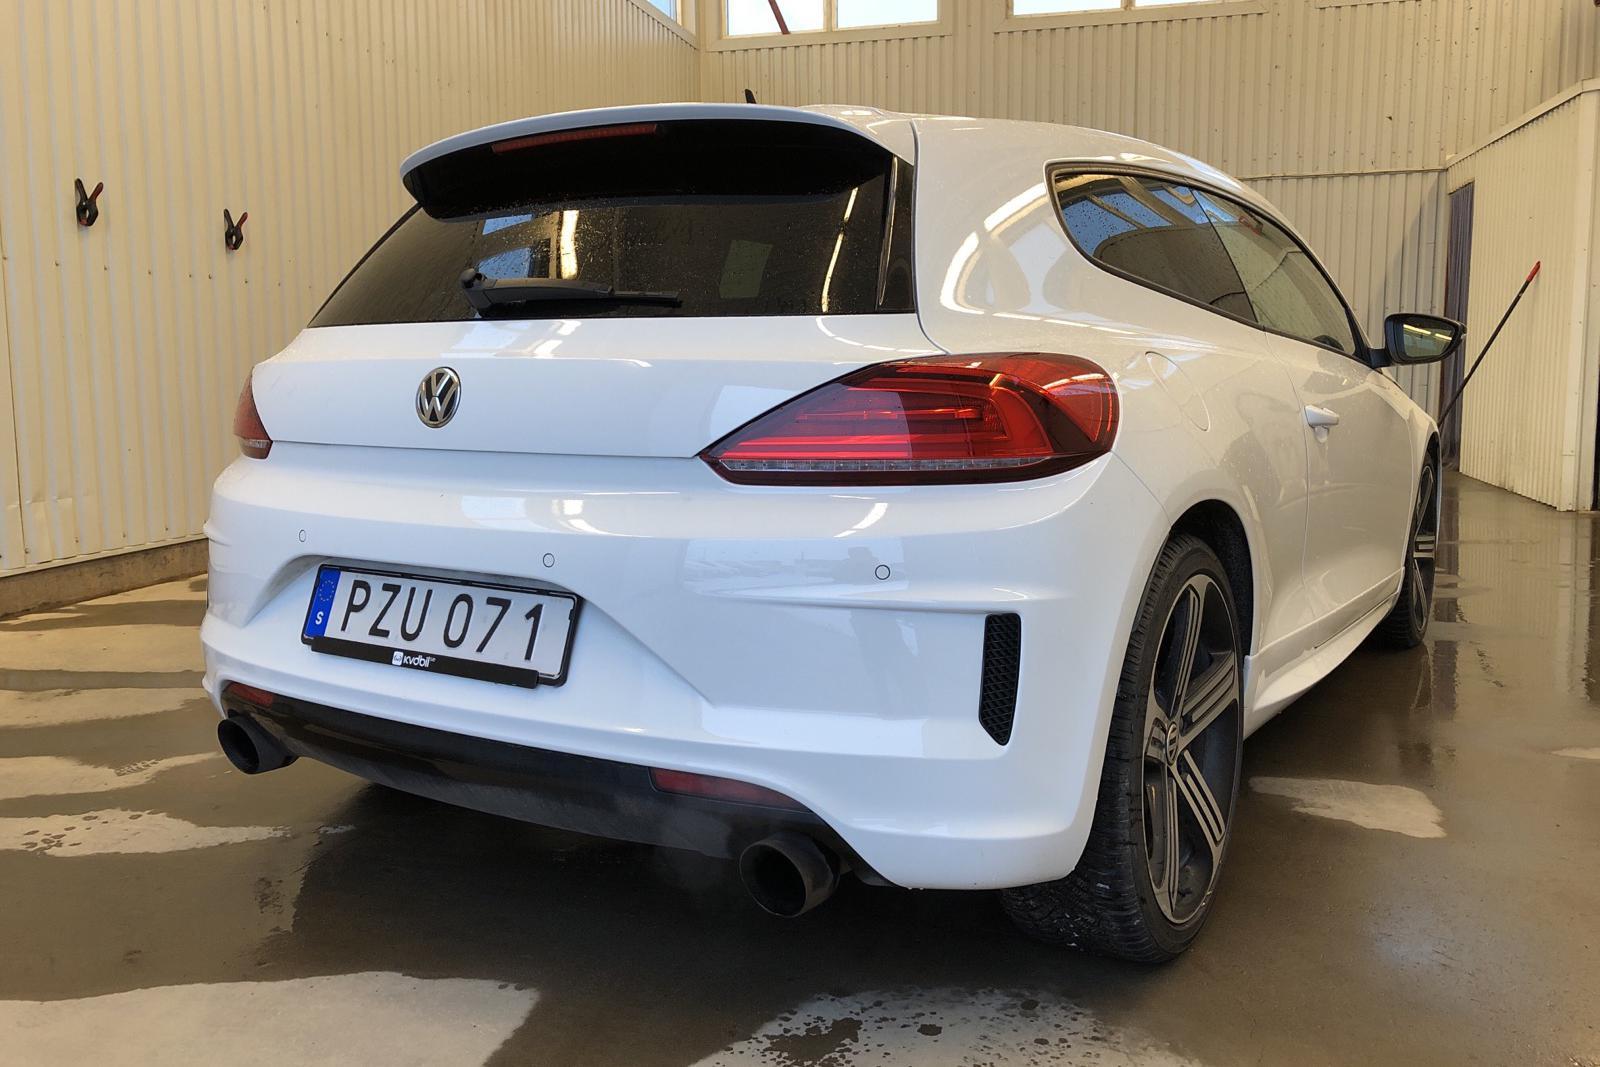 VW Scirocco R (280hk) - 93 620 km - Automatic - white - 2016